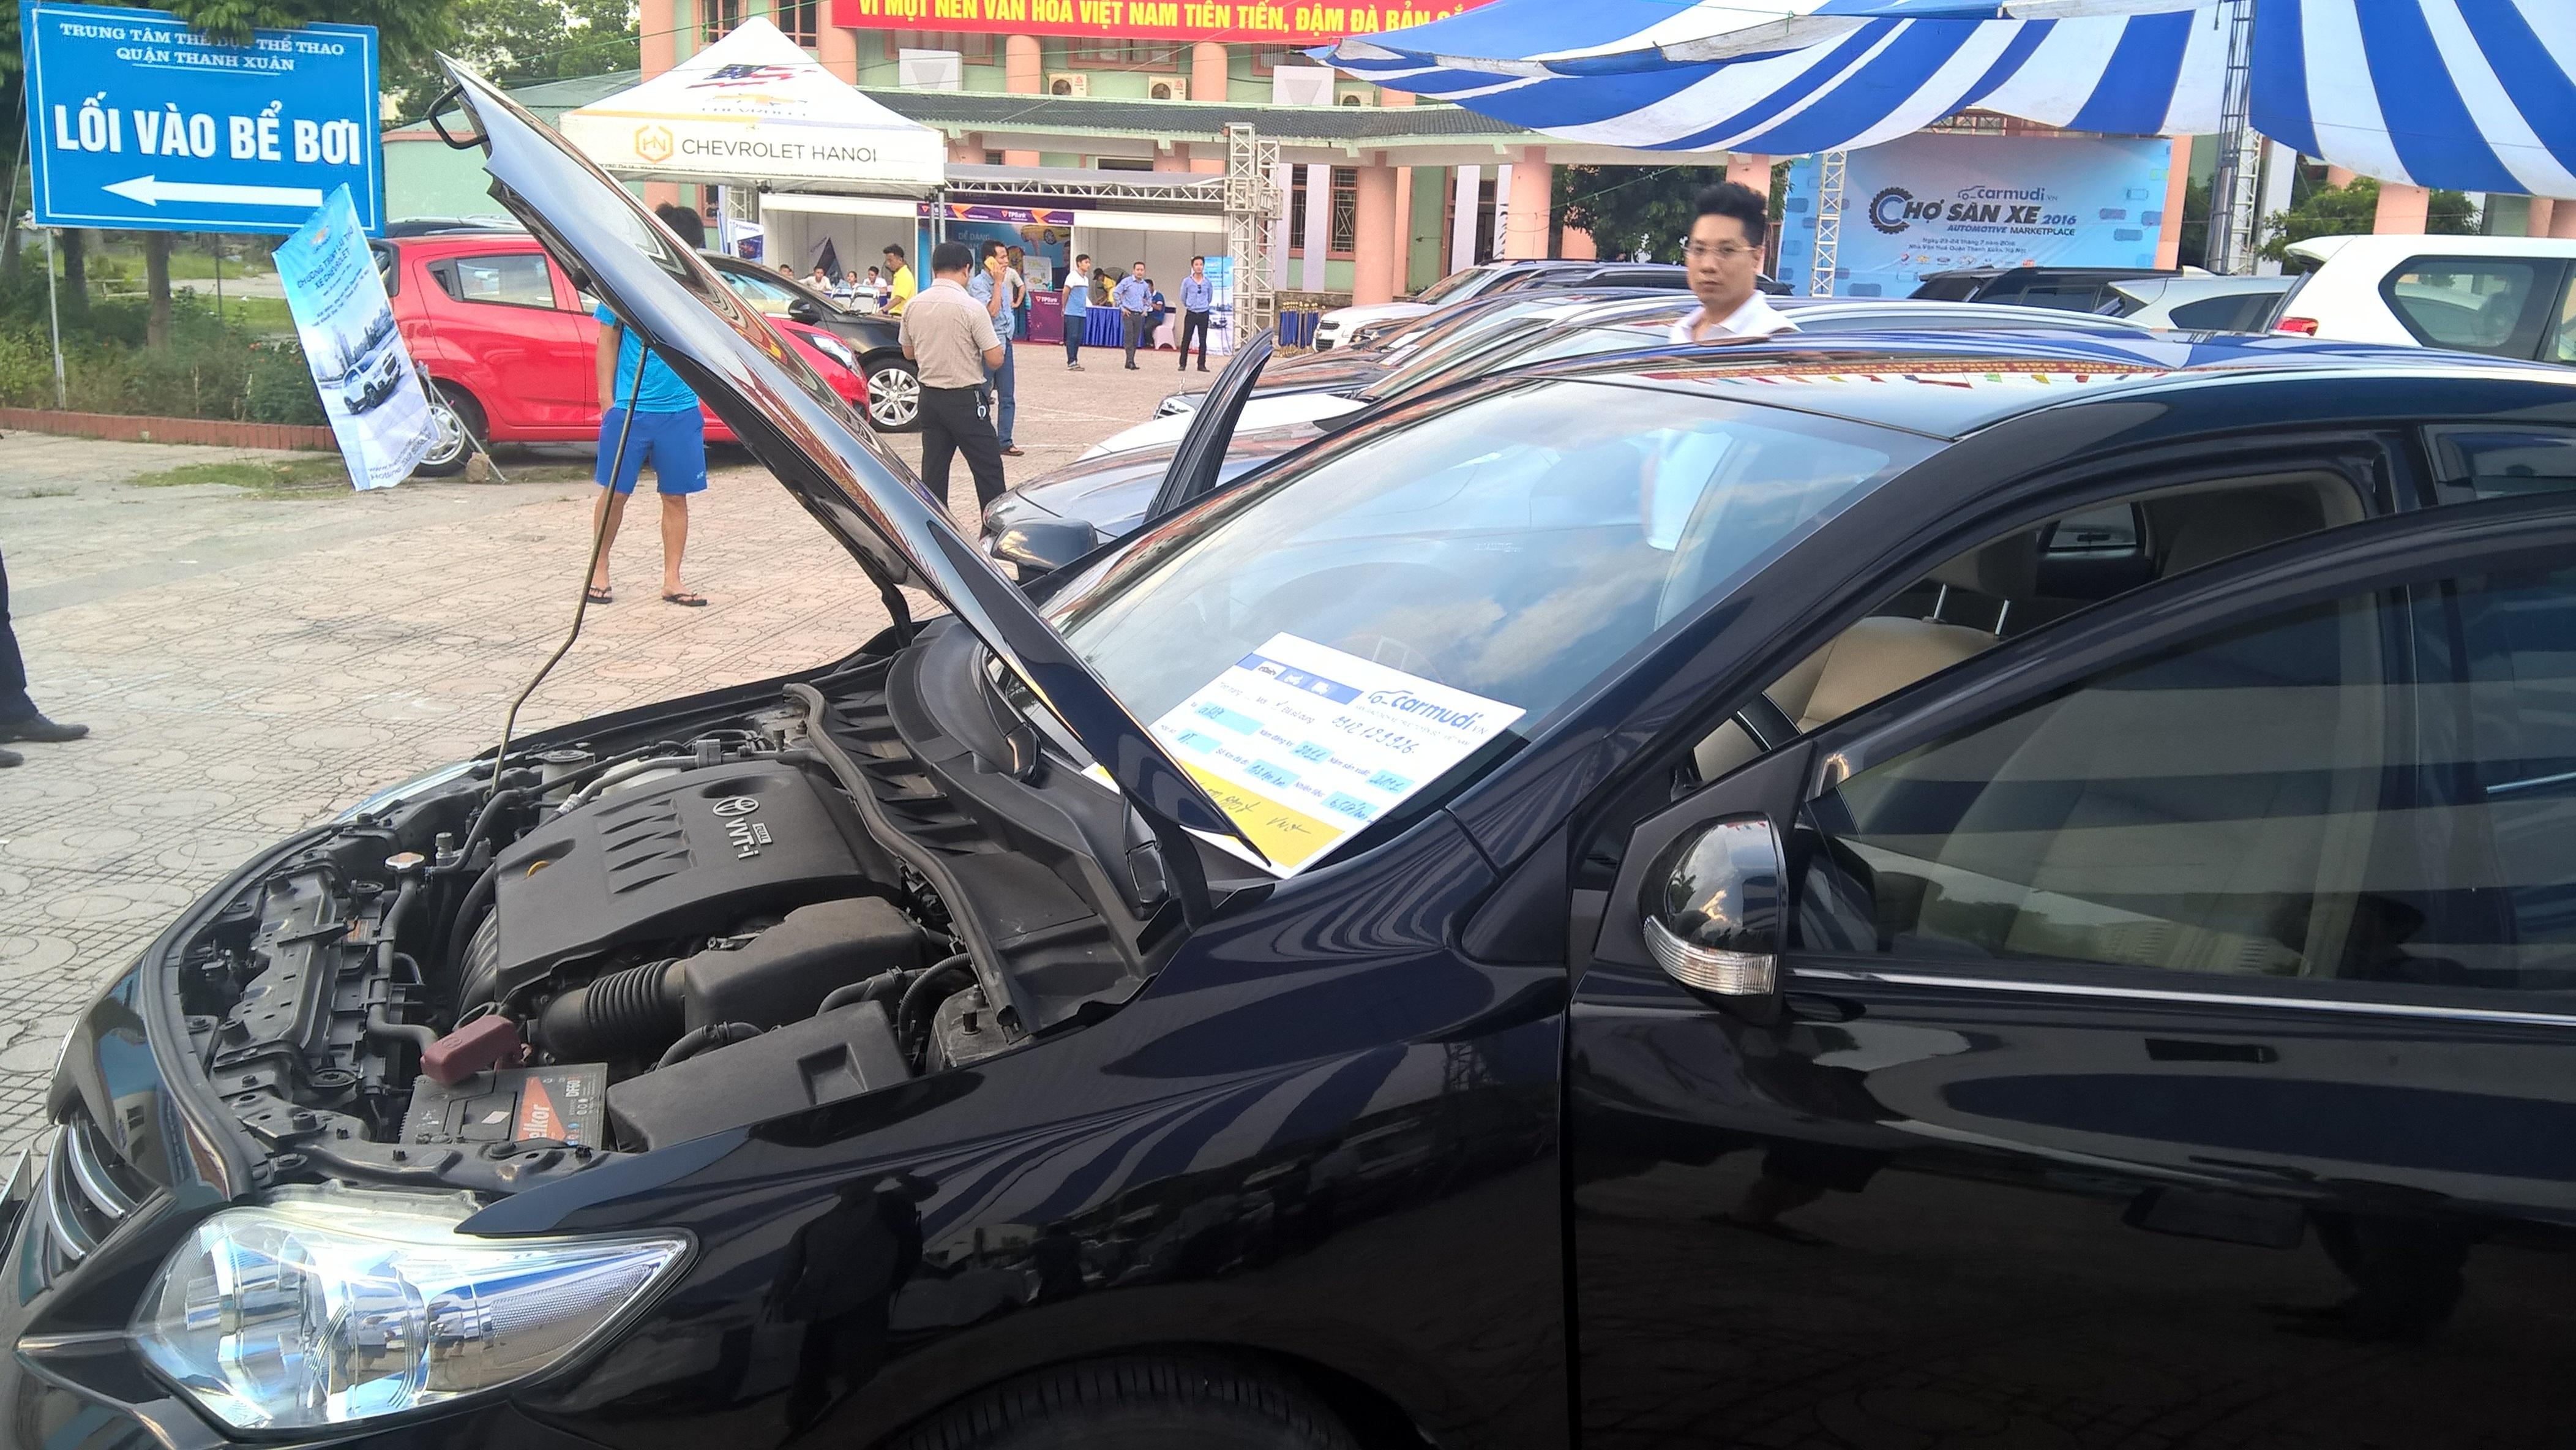 Các xe tại chợ này đều được yêu cầu kiểm tra về động cơ, khai báo sự cố trước khi bán